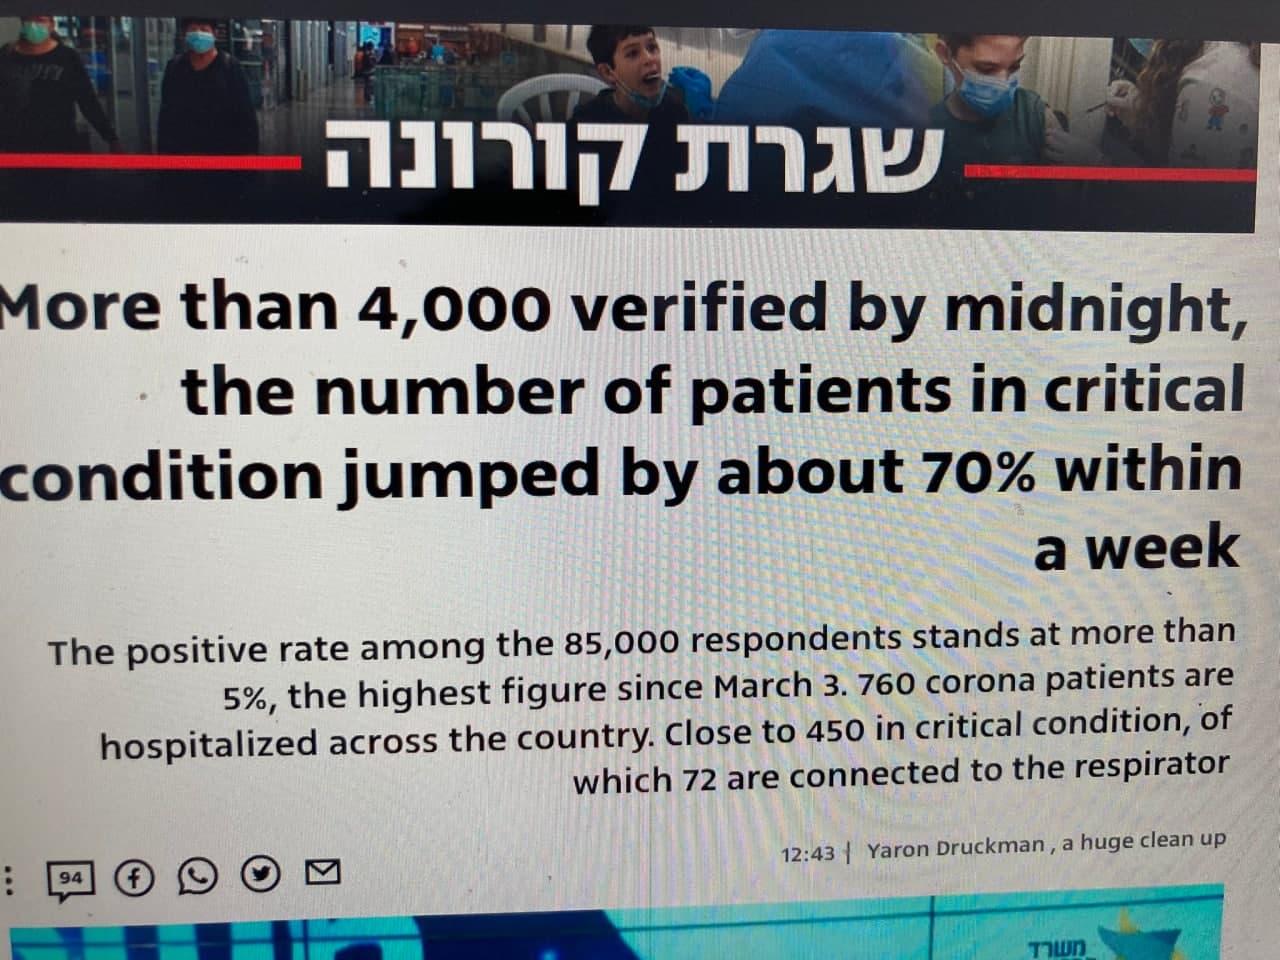 U IZRAELU BROJ OBOLJELIH OD COV SKOČIO ZA 70% – VIŠE OD POLOVINE KOJI SU U BOLNICI SU PRIMILI DVIJE DOZE VAKCINE javlja MINISTARSTVO ZDRAVLJA IZRAELA